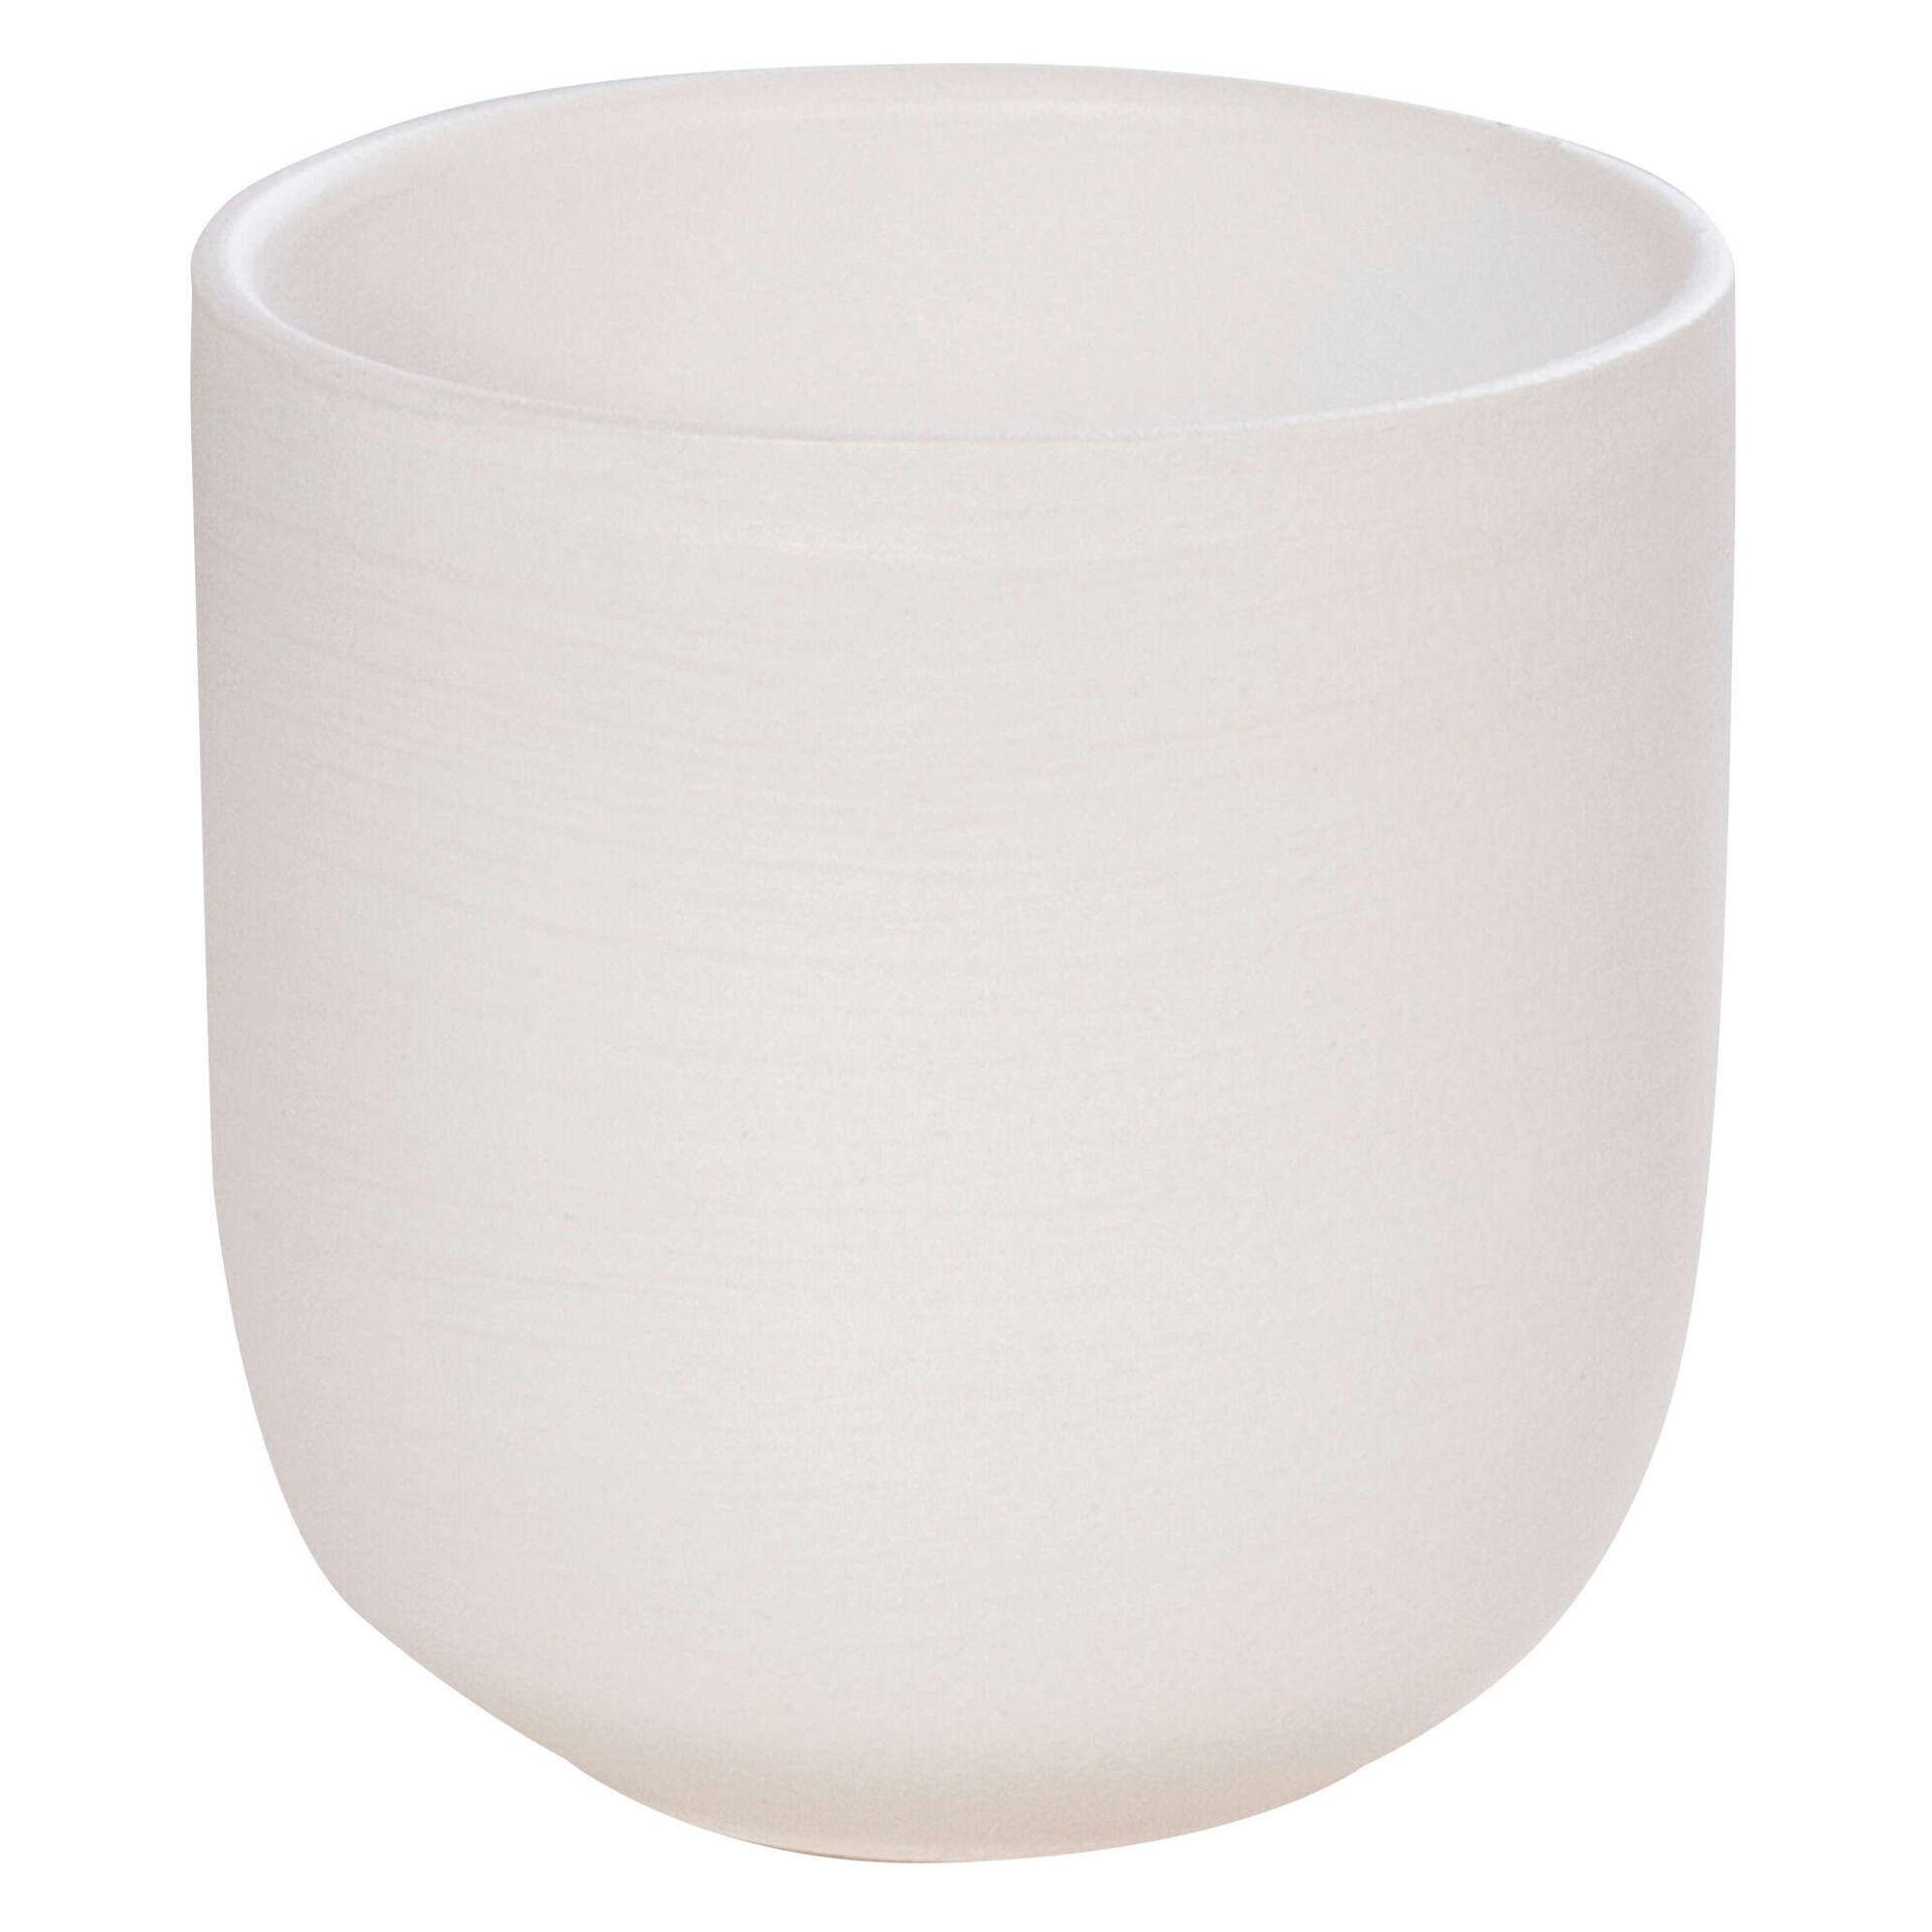 Vaso Redondo Faiança 23cm Branco